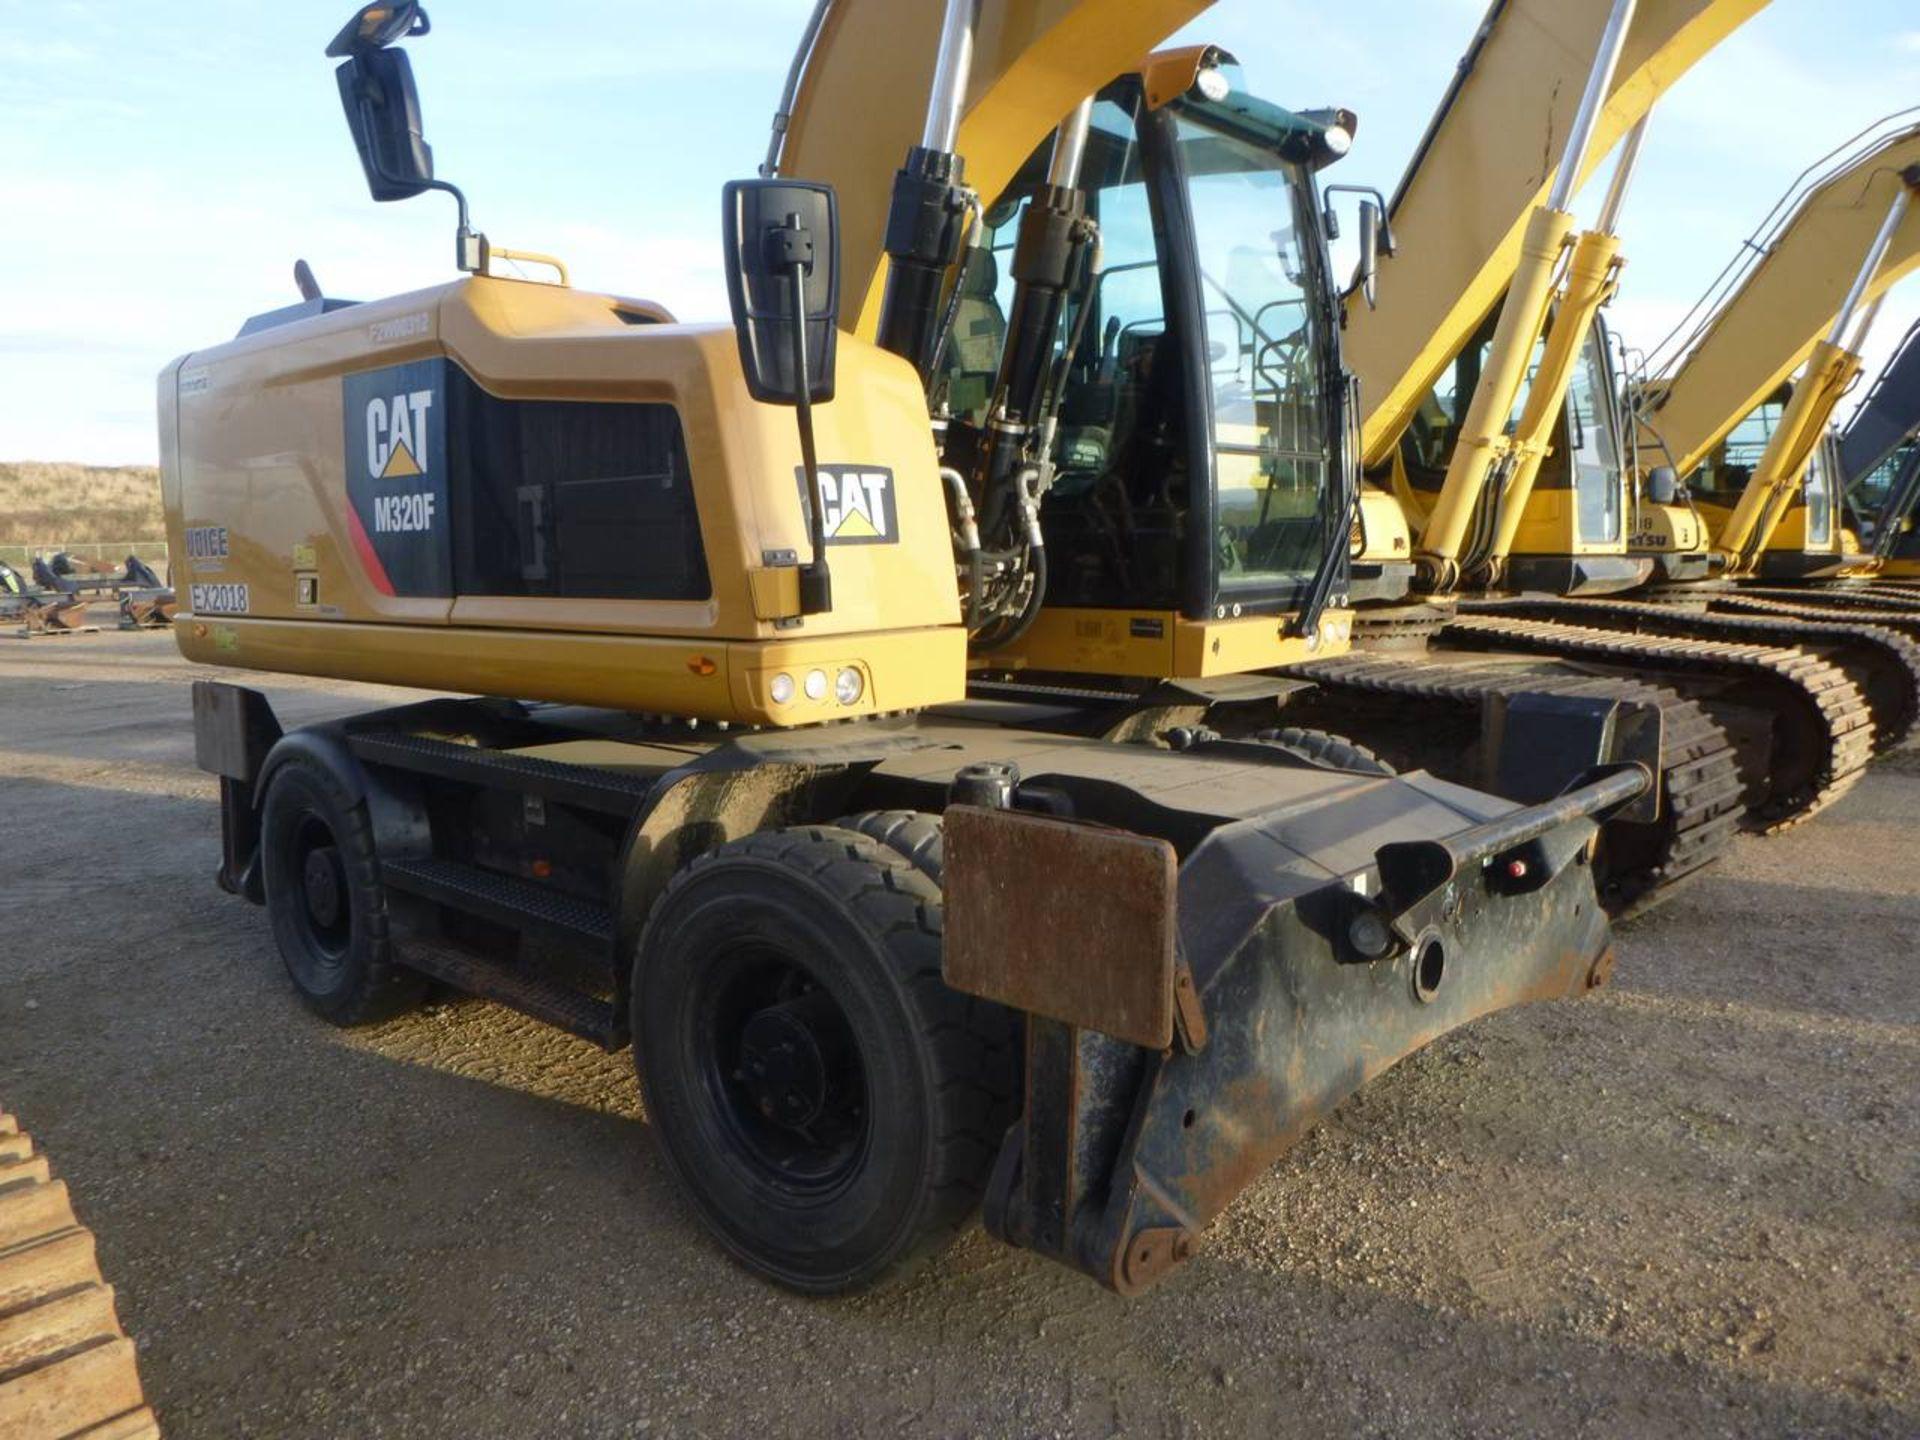 2015 Caterpillar M320F Wheel Excavator - Image 4 of 18